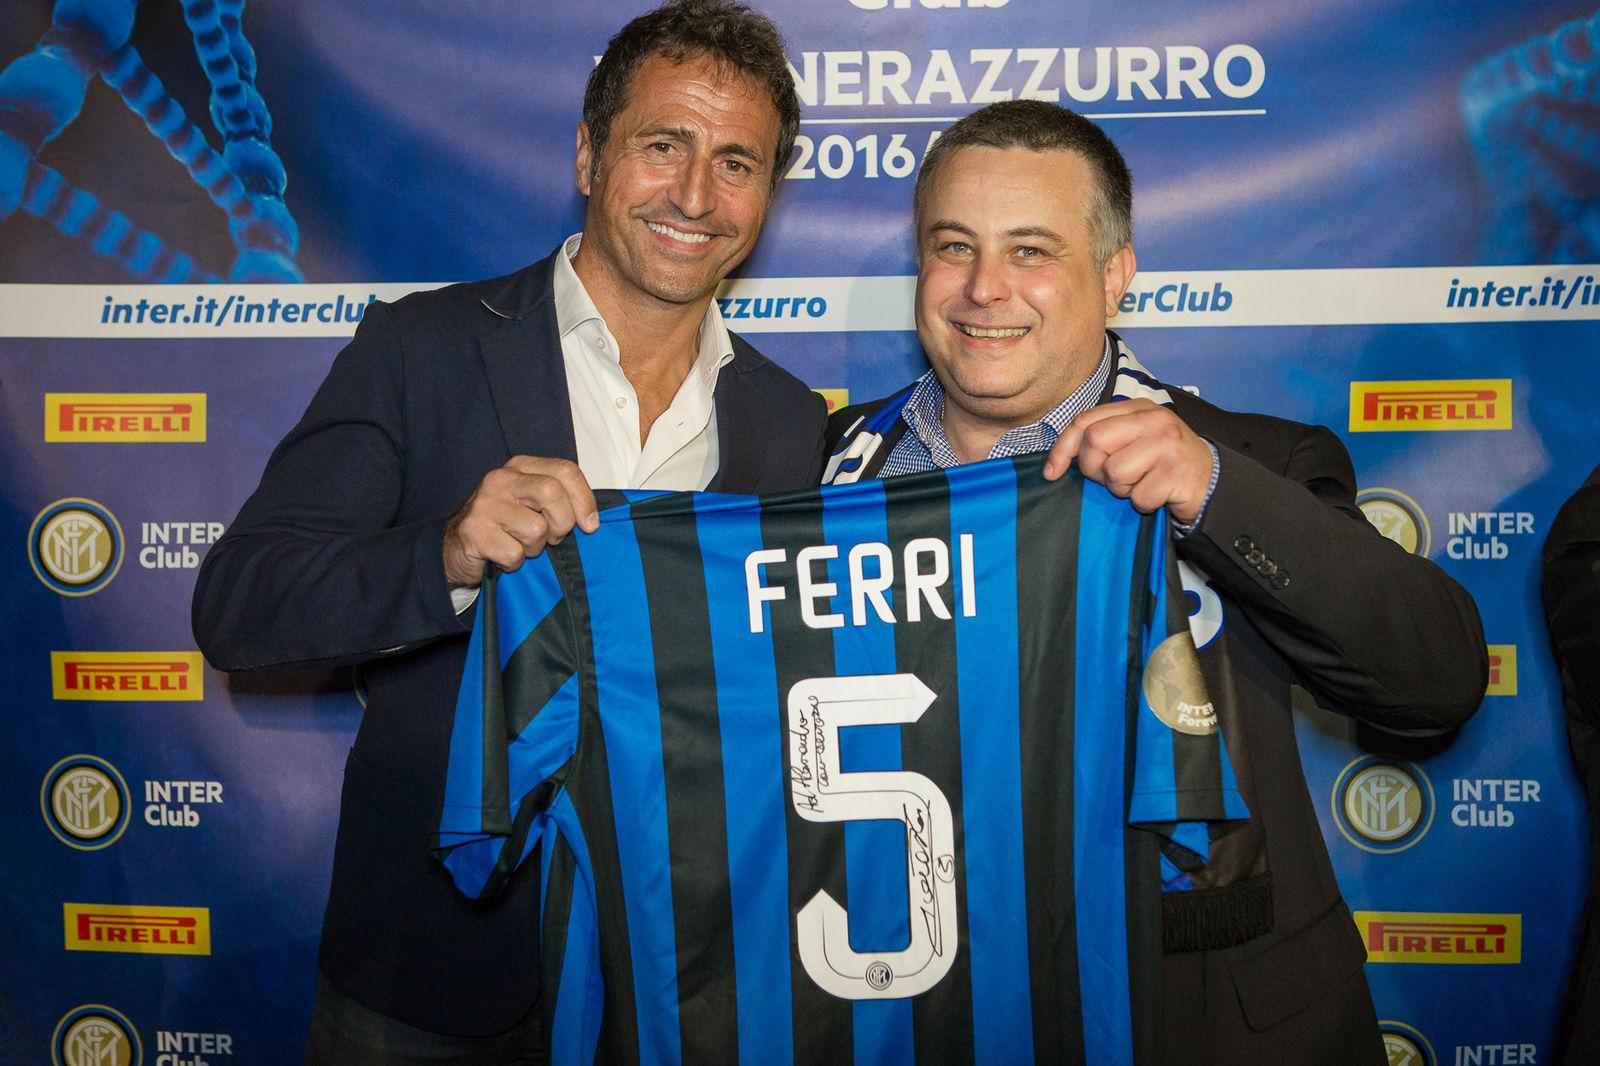 Inter Club: si apre la stagione con un grande evento